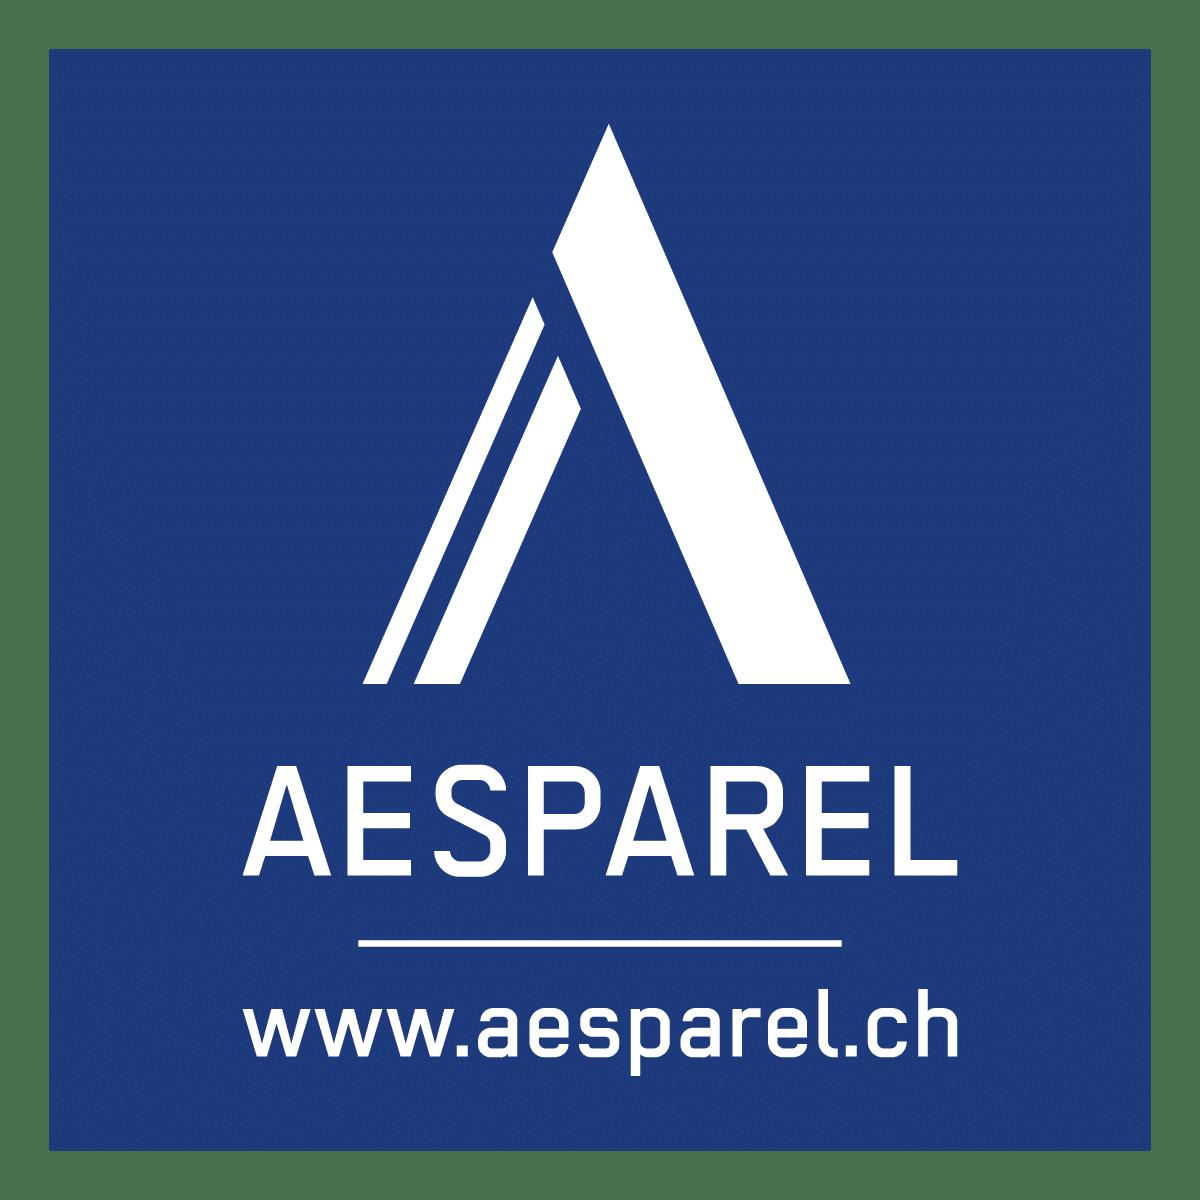 AESPAREL